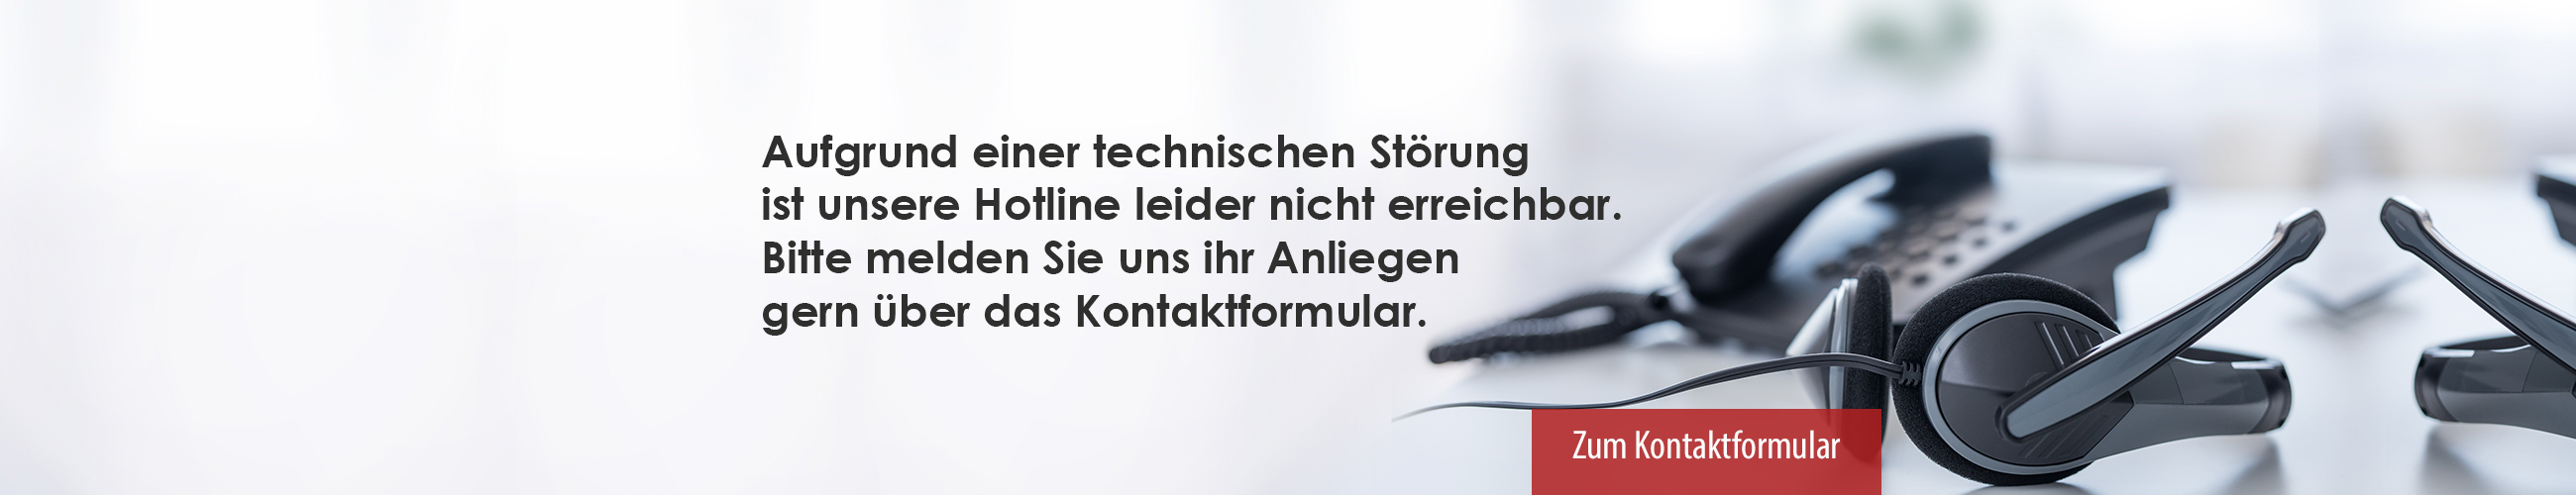 TechnischeStoerung_Hotline